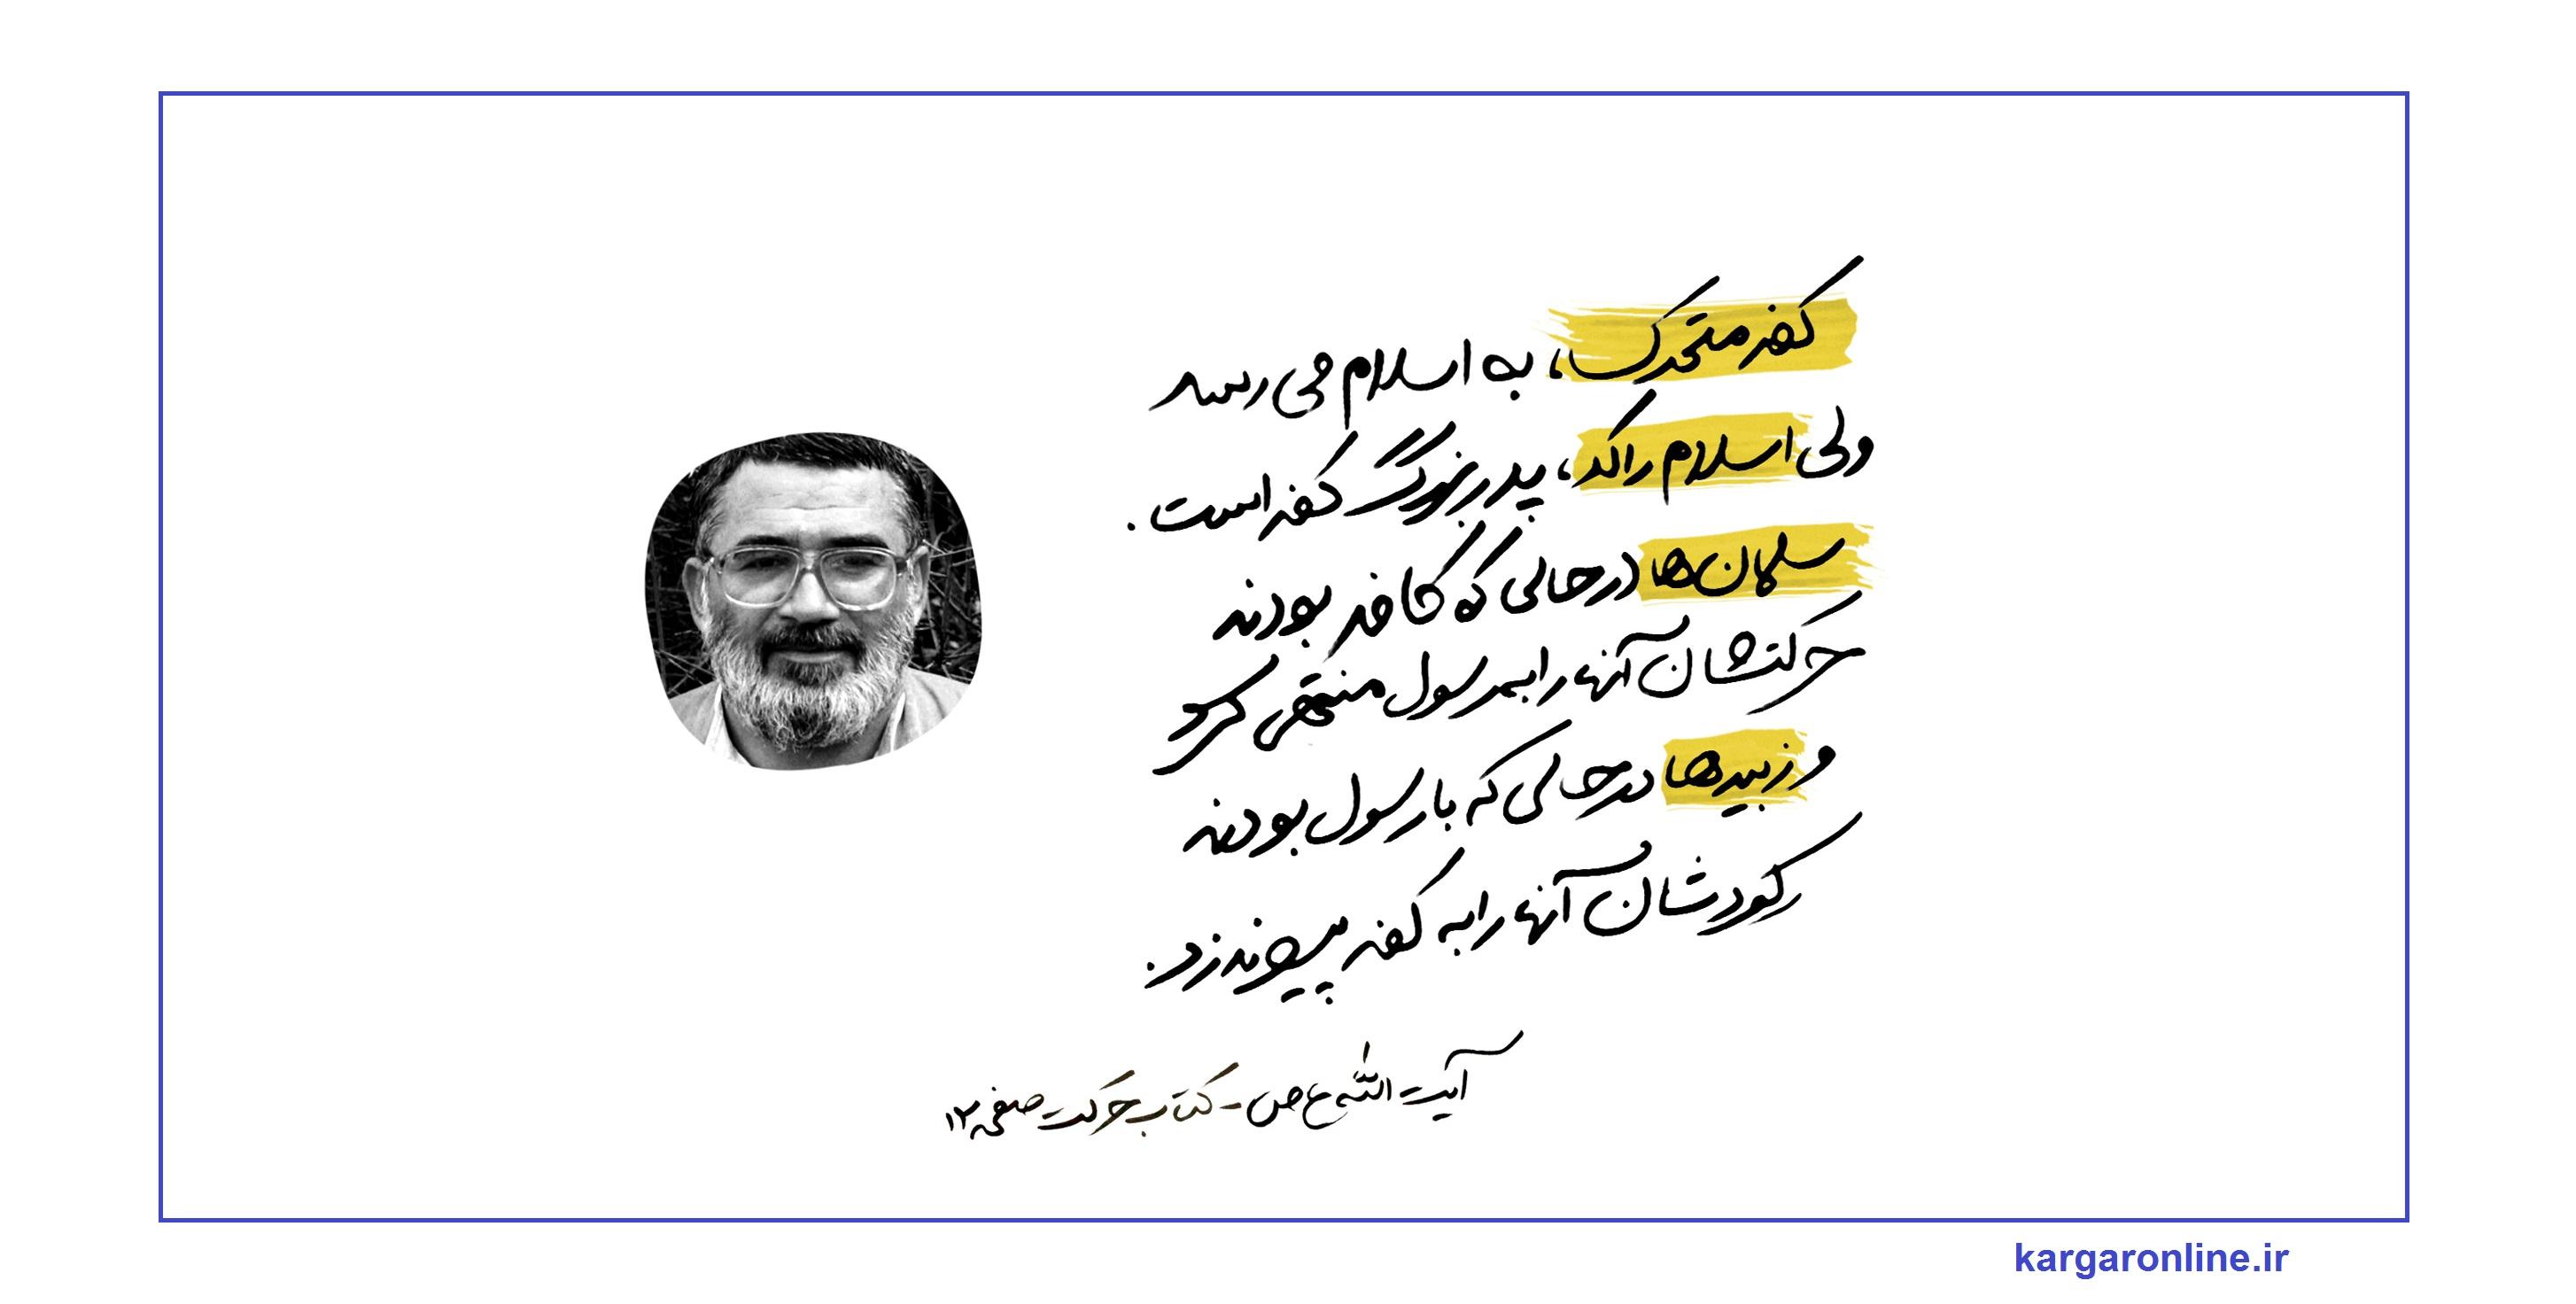 کفر متحرک، به اسلام میرسد ولی اسلام راکد، «پدر بزرگ کفر» می شود